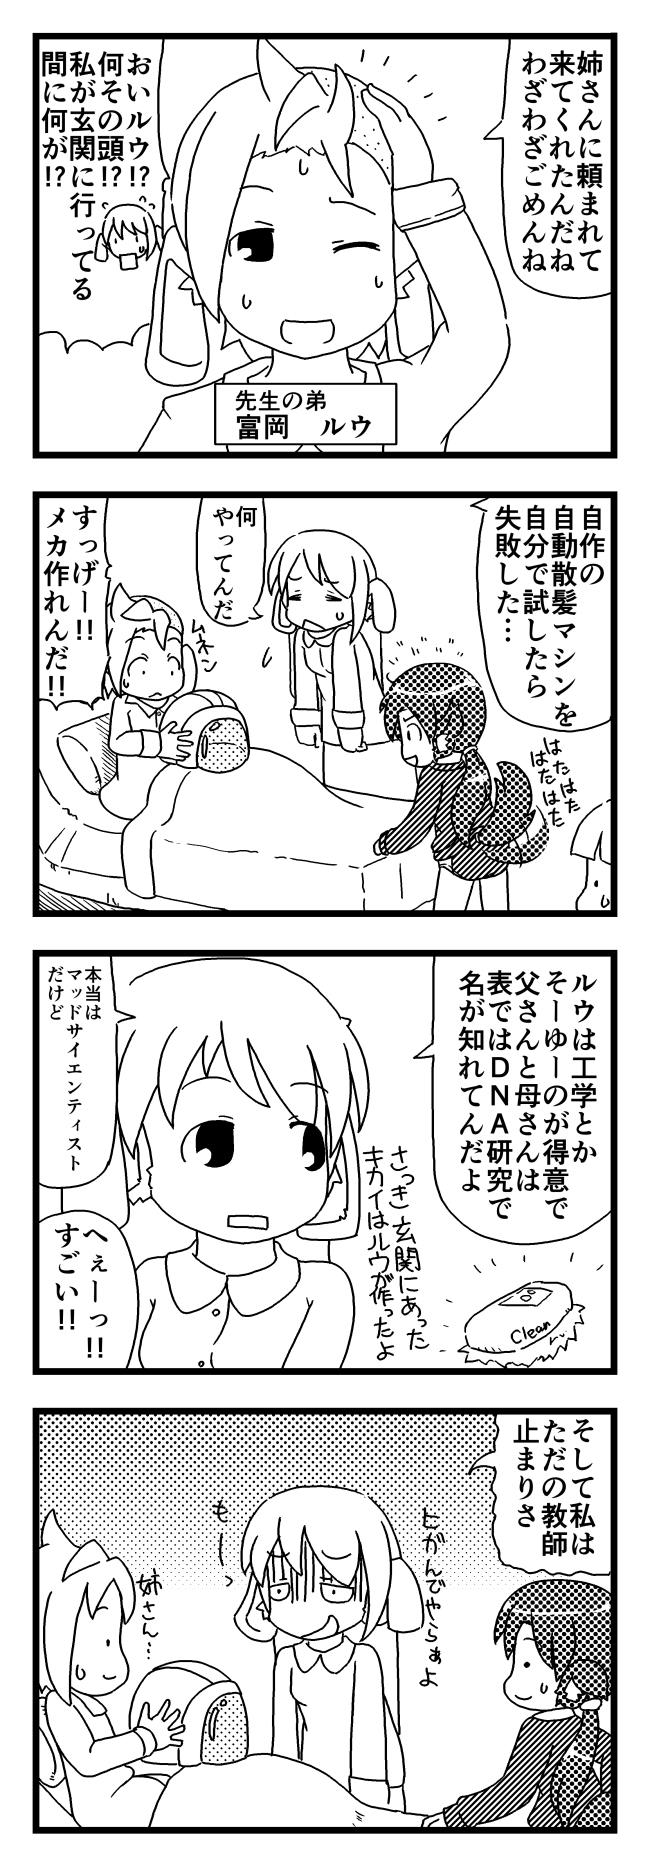 第17話 - 気軽に家に呼んじゃう/第18話 - 半カツオ